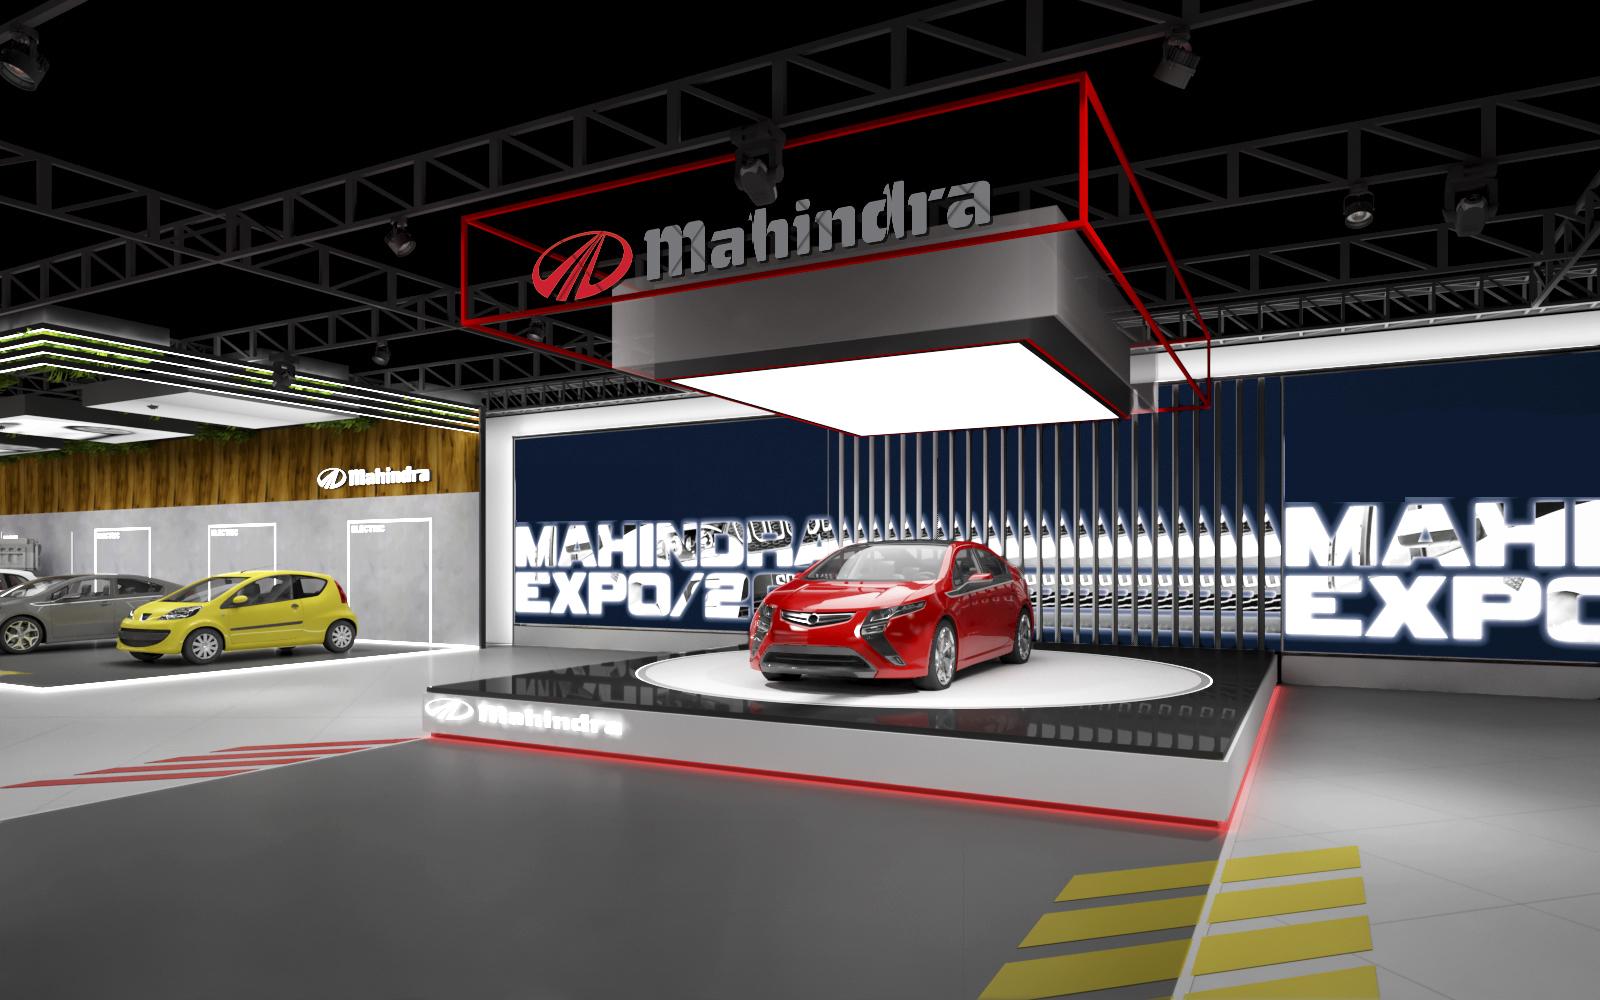 mahendra pavilion auto expo 2020